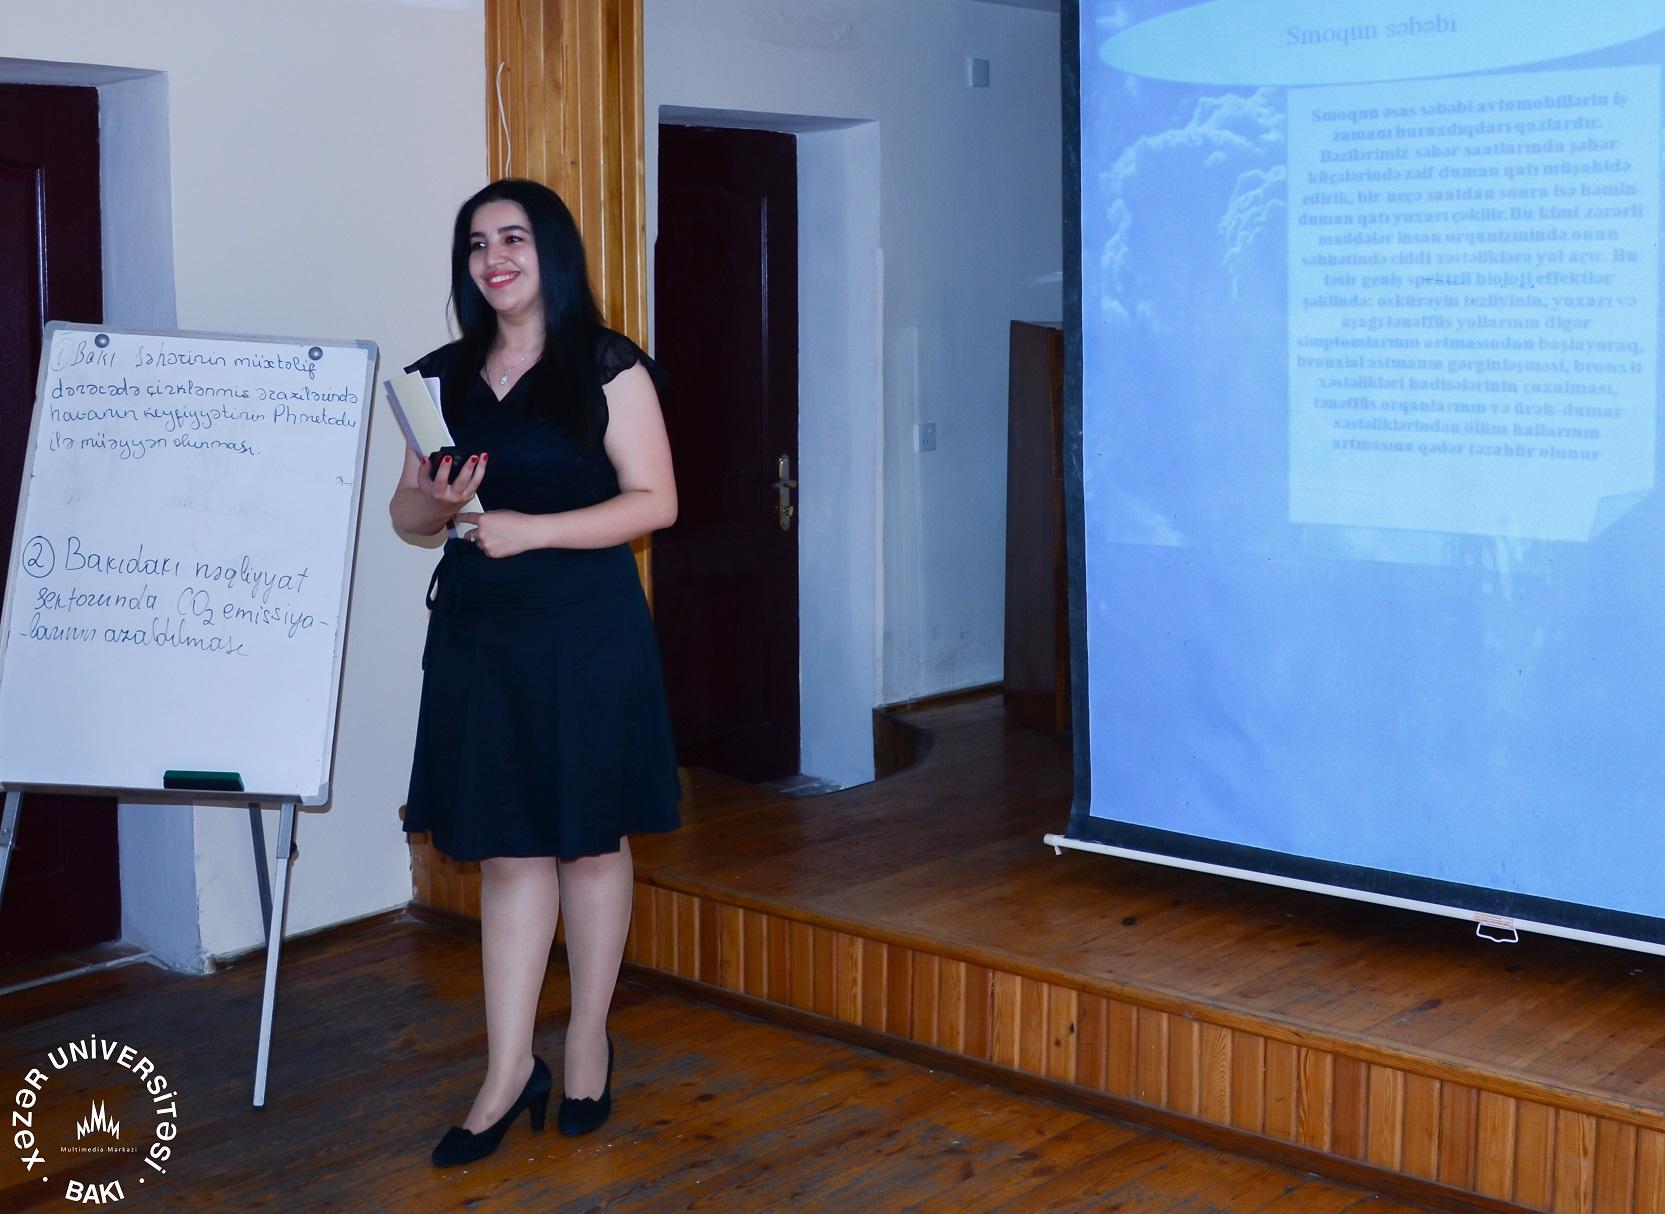 Tələbə Elmi Cəmiyyətinin təsis seminarı keçirildi